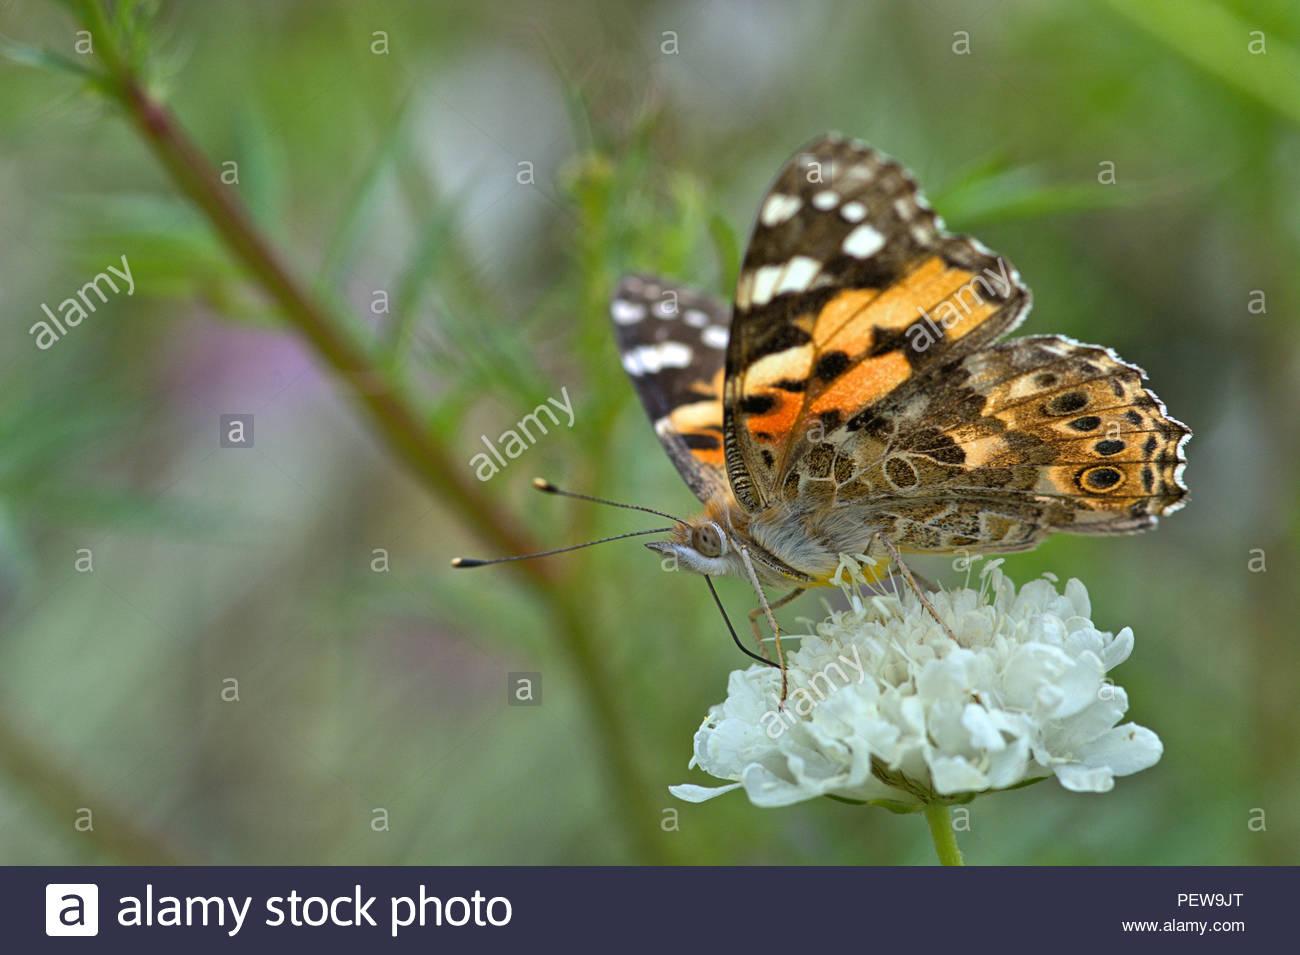 Ein Distelfalter (Vanessa cardui, Syn.: Cynthia cardui), ein Schmetterling aus der Familie der Edelfalter (Nymphalidae) auf einer Blüte. - Stock Image